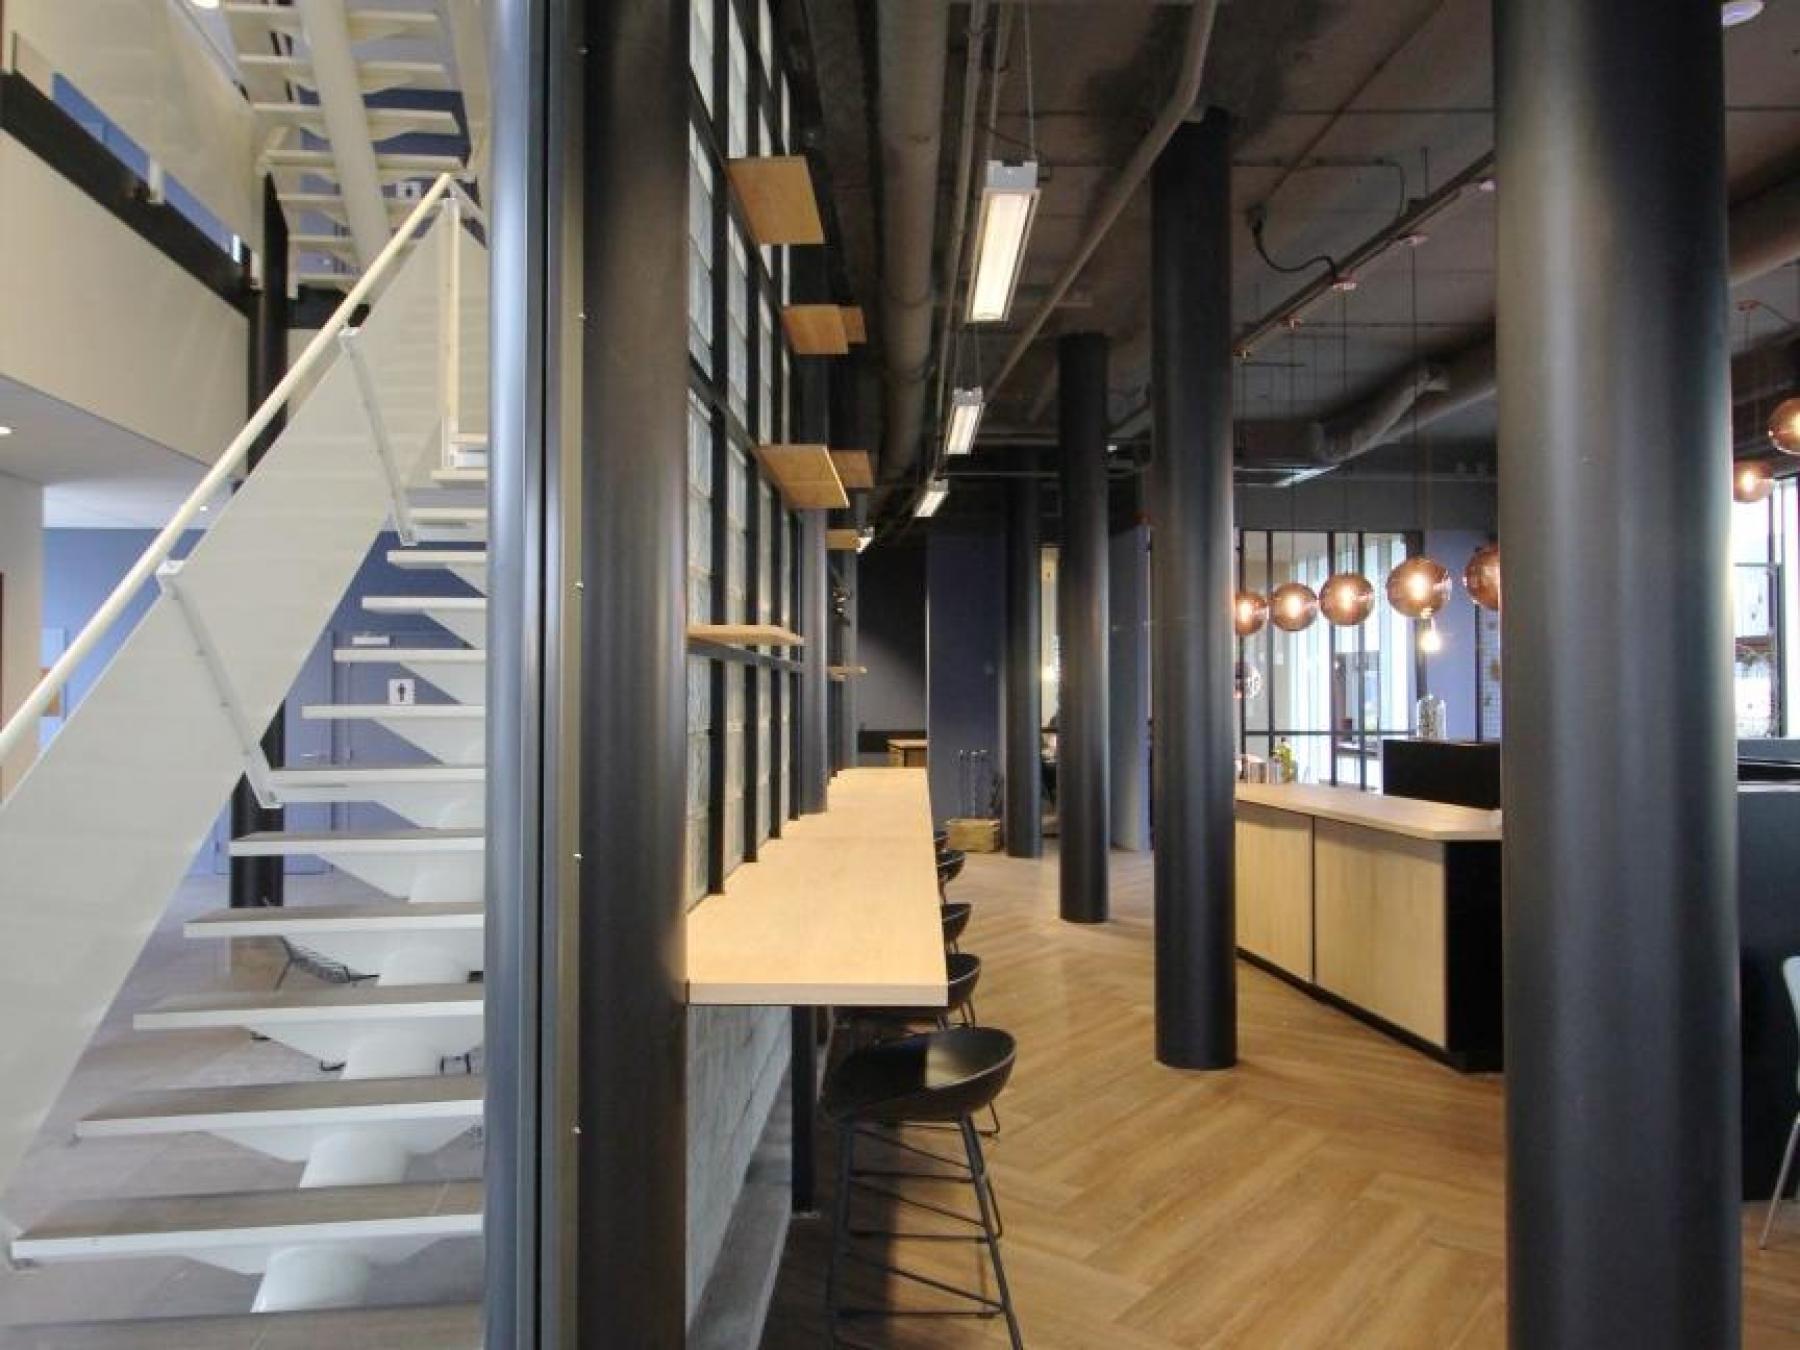 beschikbare kantoorruimte amersfoort maanlander gemeenschappelijke ruimte flexwerken